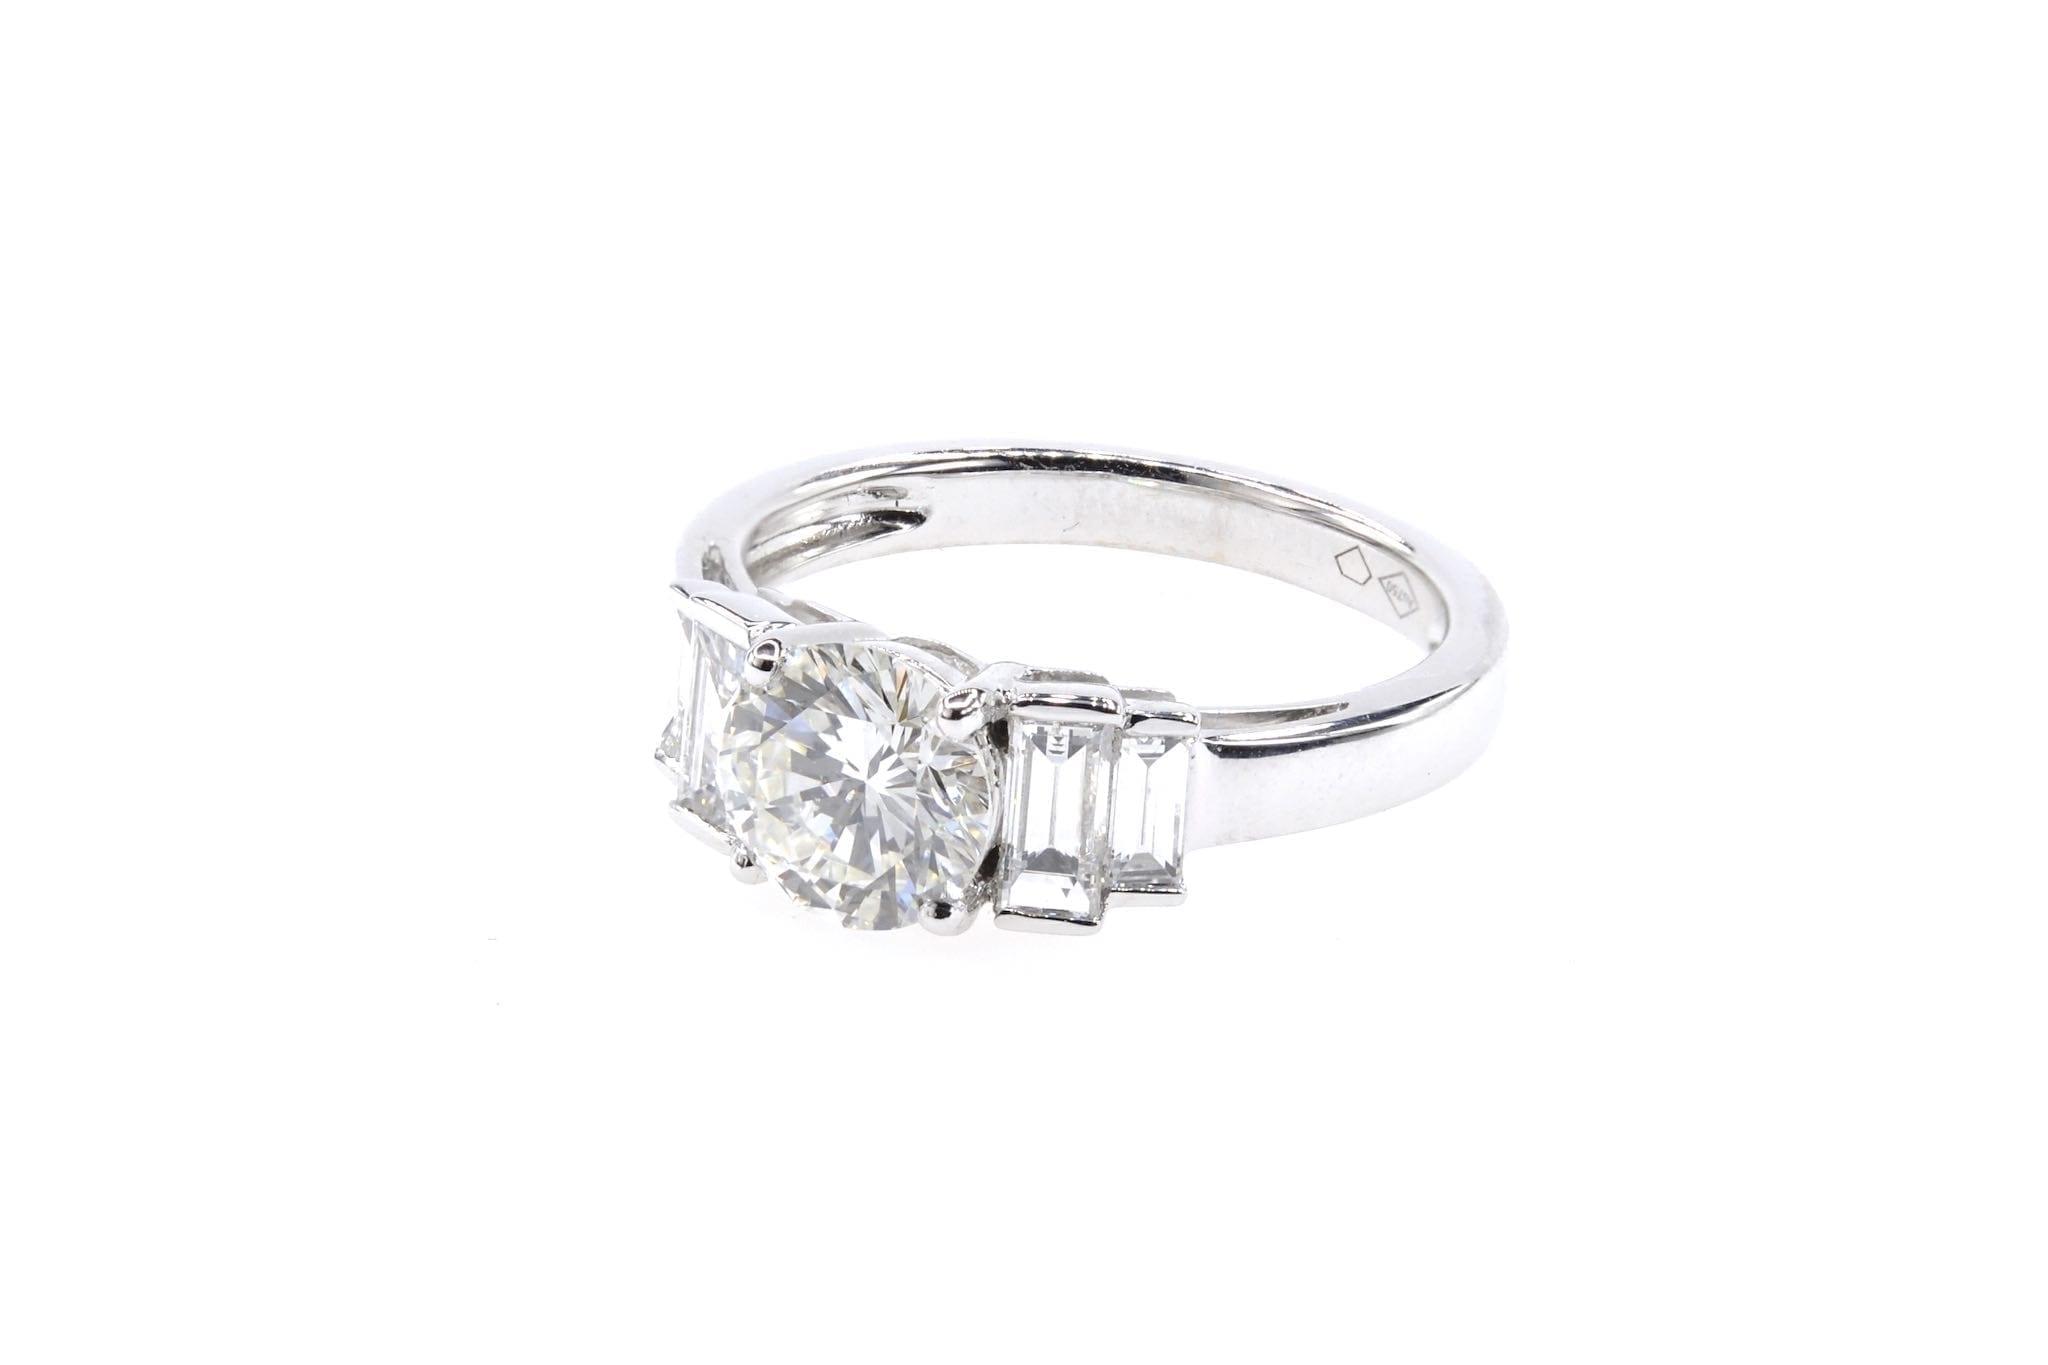 Bague solitaire diamant de 1,16 carat et baguettes